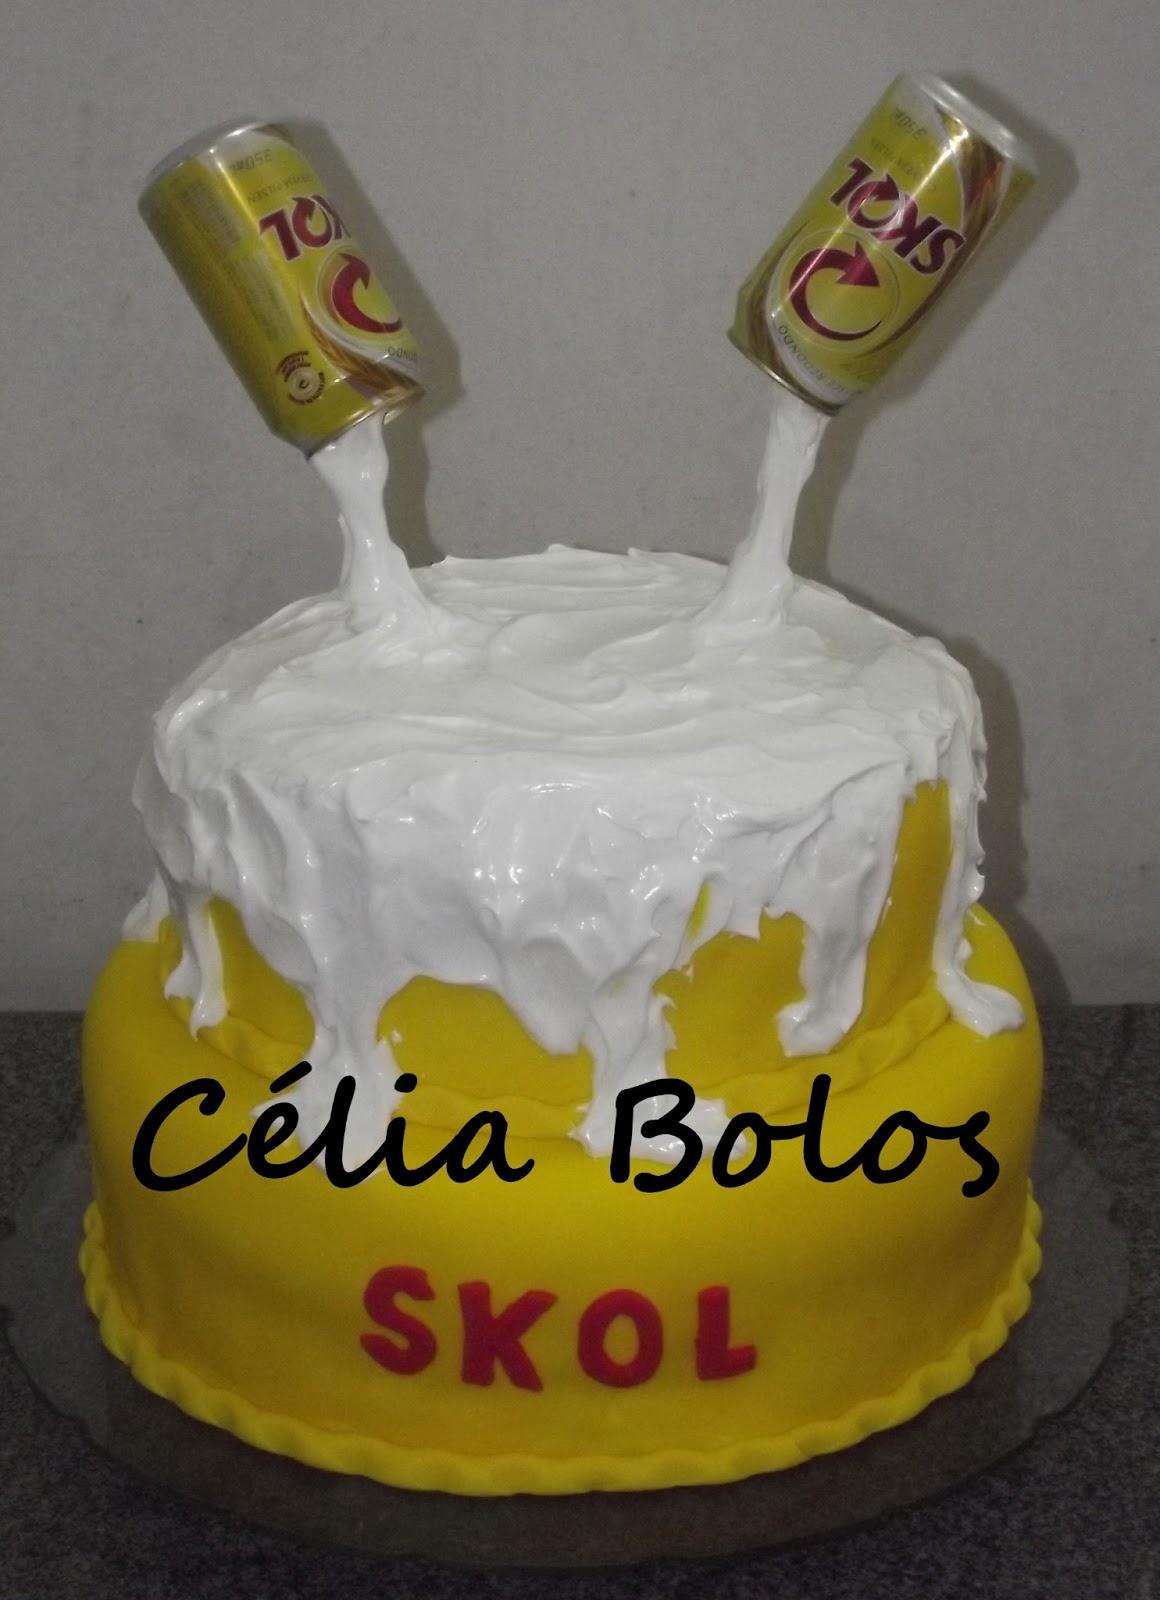 Suficiente Bolos Decorados da Célia: Bolo Lata de cerveja Skol (2) ZH11